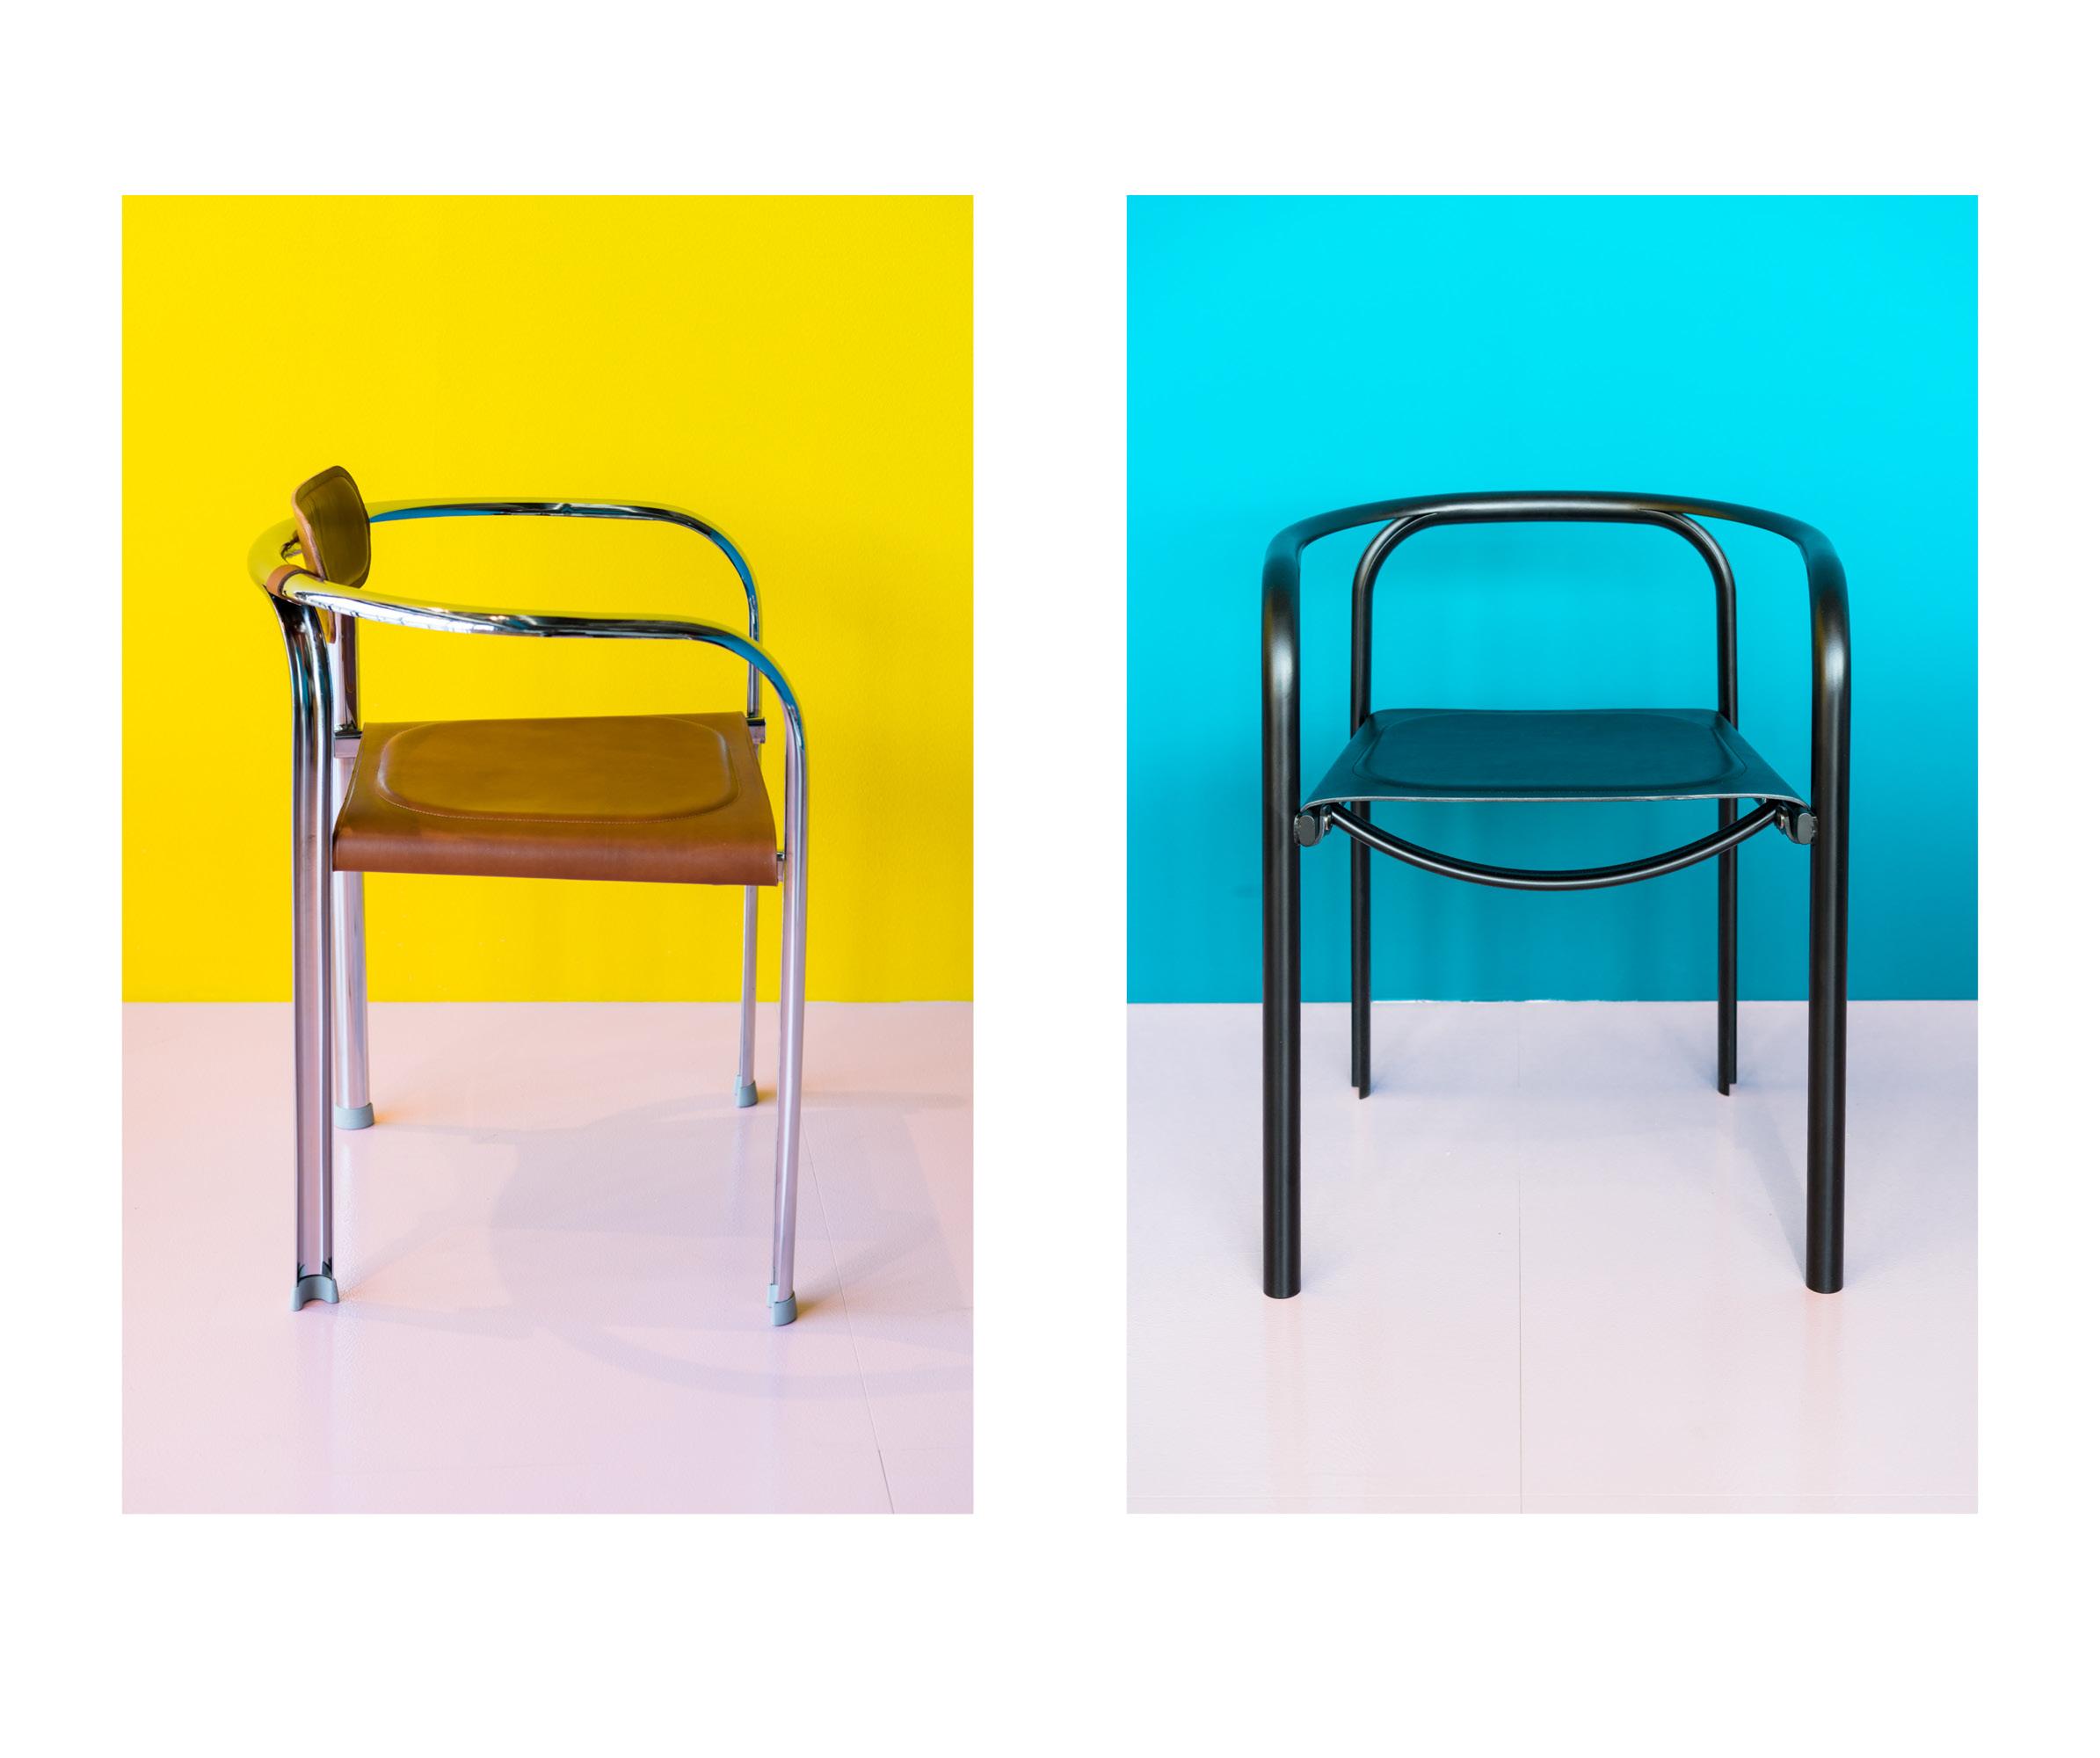 Stuhl SPLIT mit Rückenstütze*  CHF 1'045.00 Erhältlich in Chrom glänzend oder schwarz pulverbeschichtet. Masse: B 56, T 45, H 68, Sitzhöhe 46, Armlehnhöhe 67 cm *nur auf Bestellung